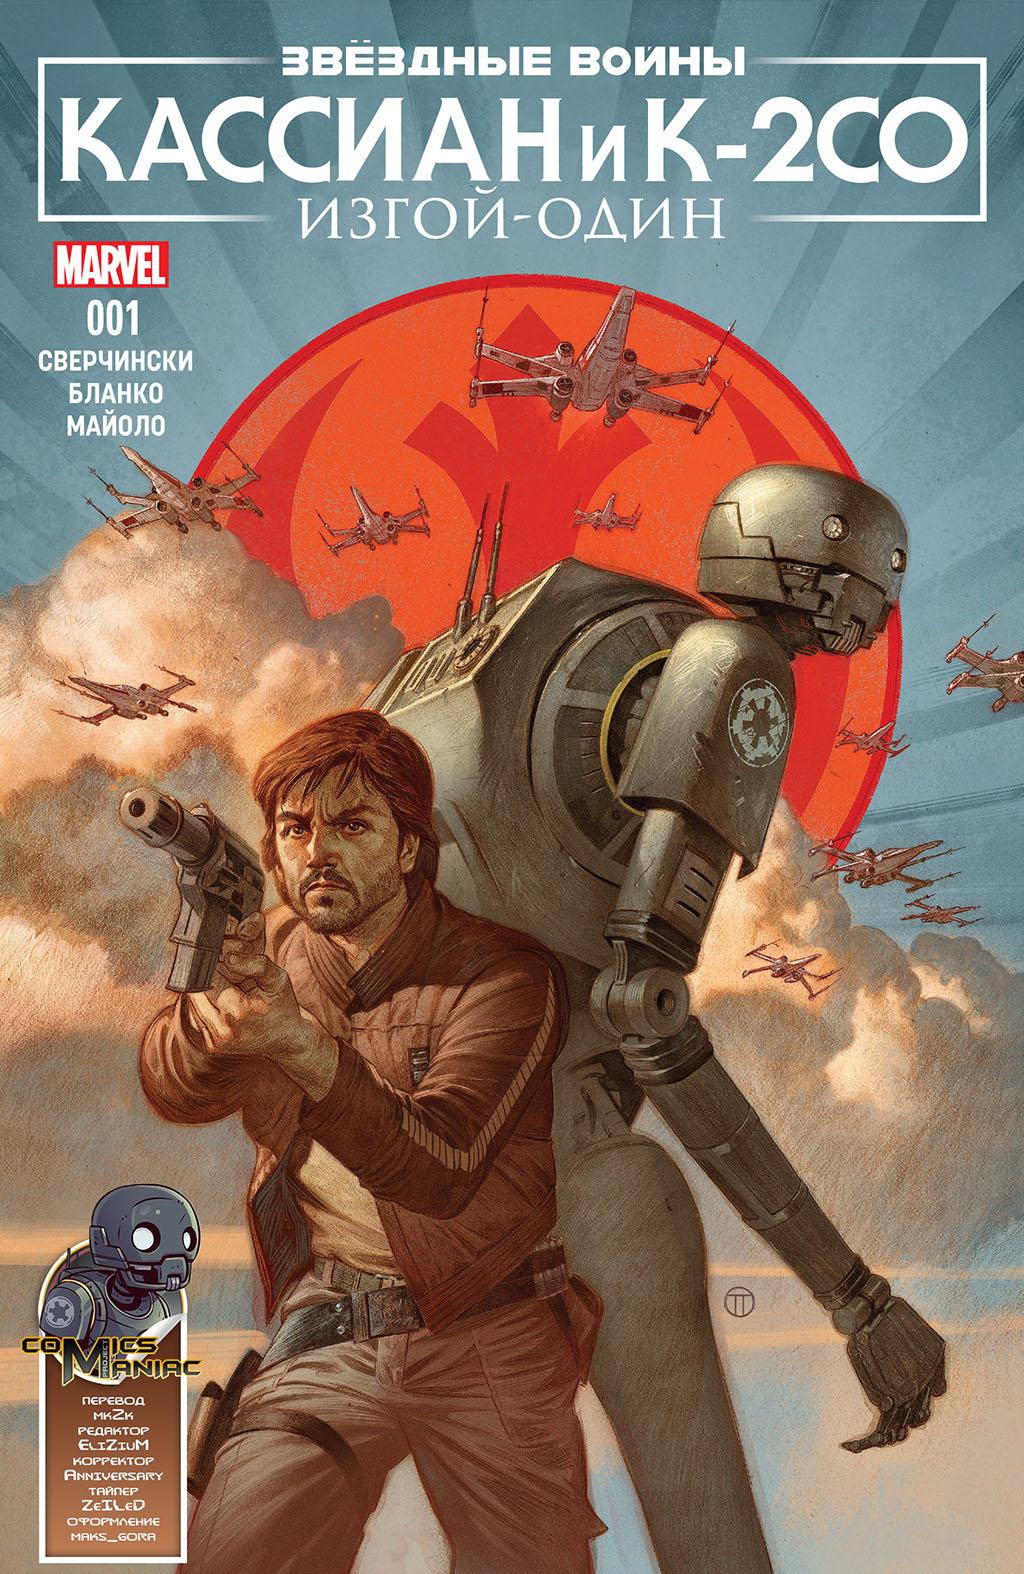 Комикс Звездные Воины: Изгой-один - Кассиан и K-2CO